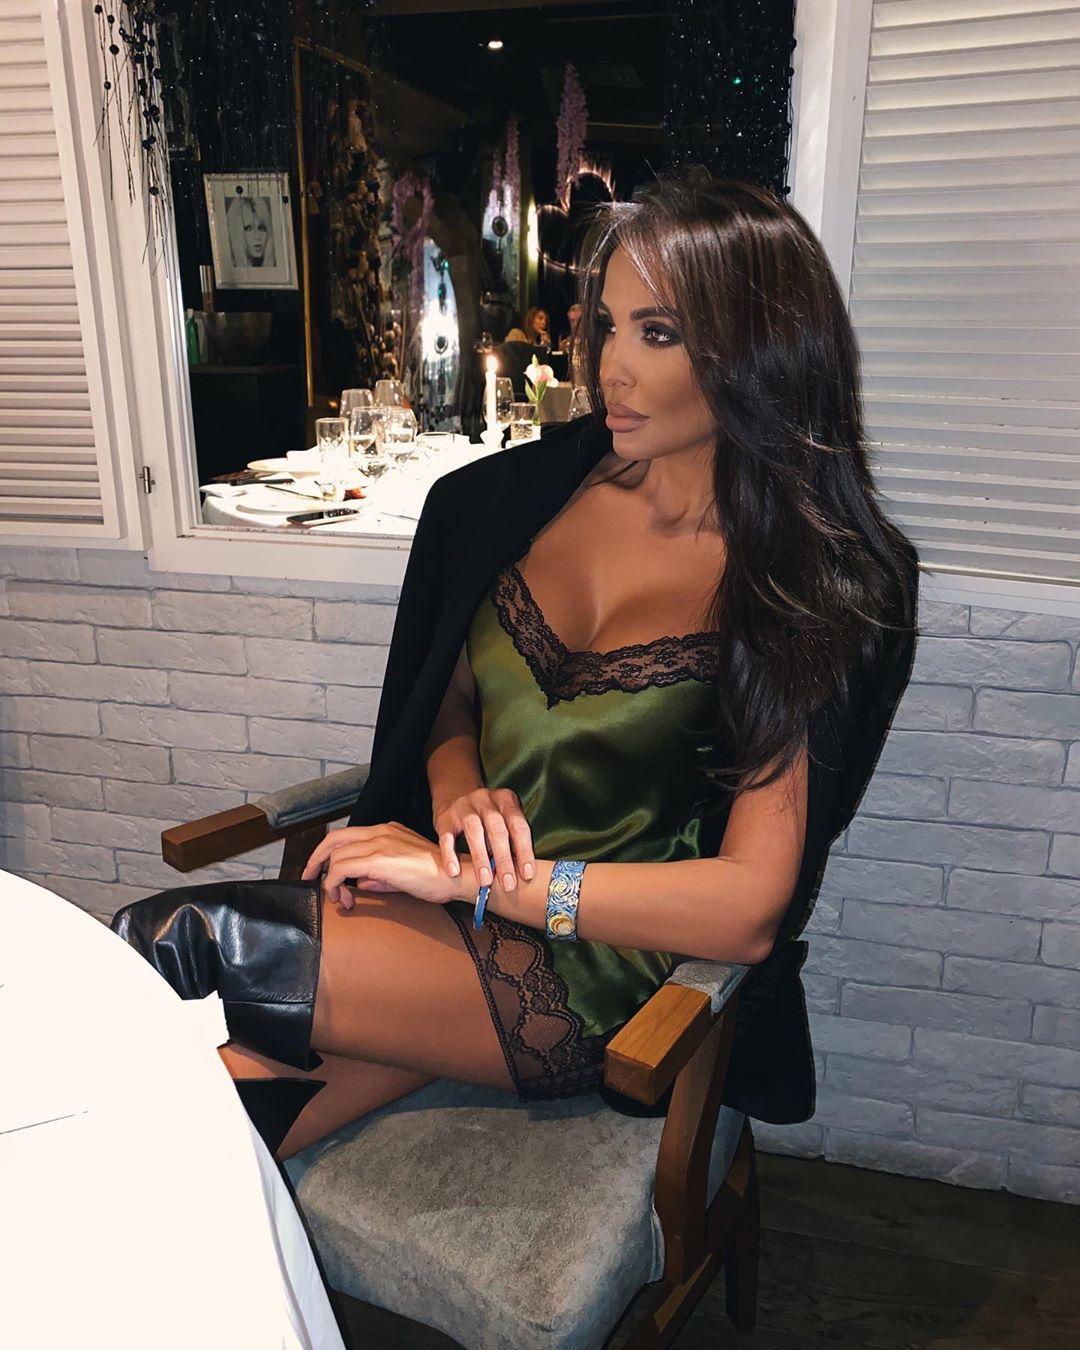 Няма шест-пет: Николета отиде на ресторант по нощница и високи ботуши (СНИМКА)